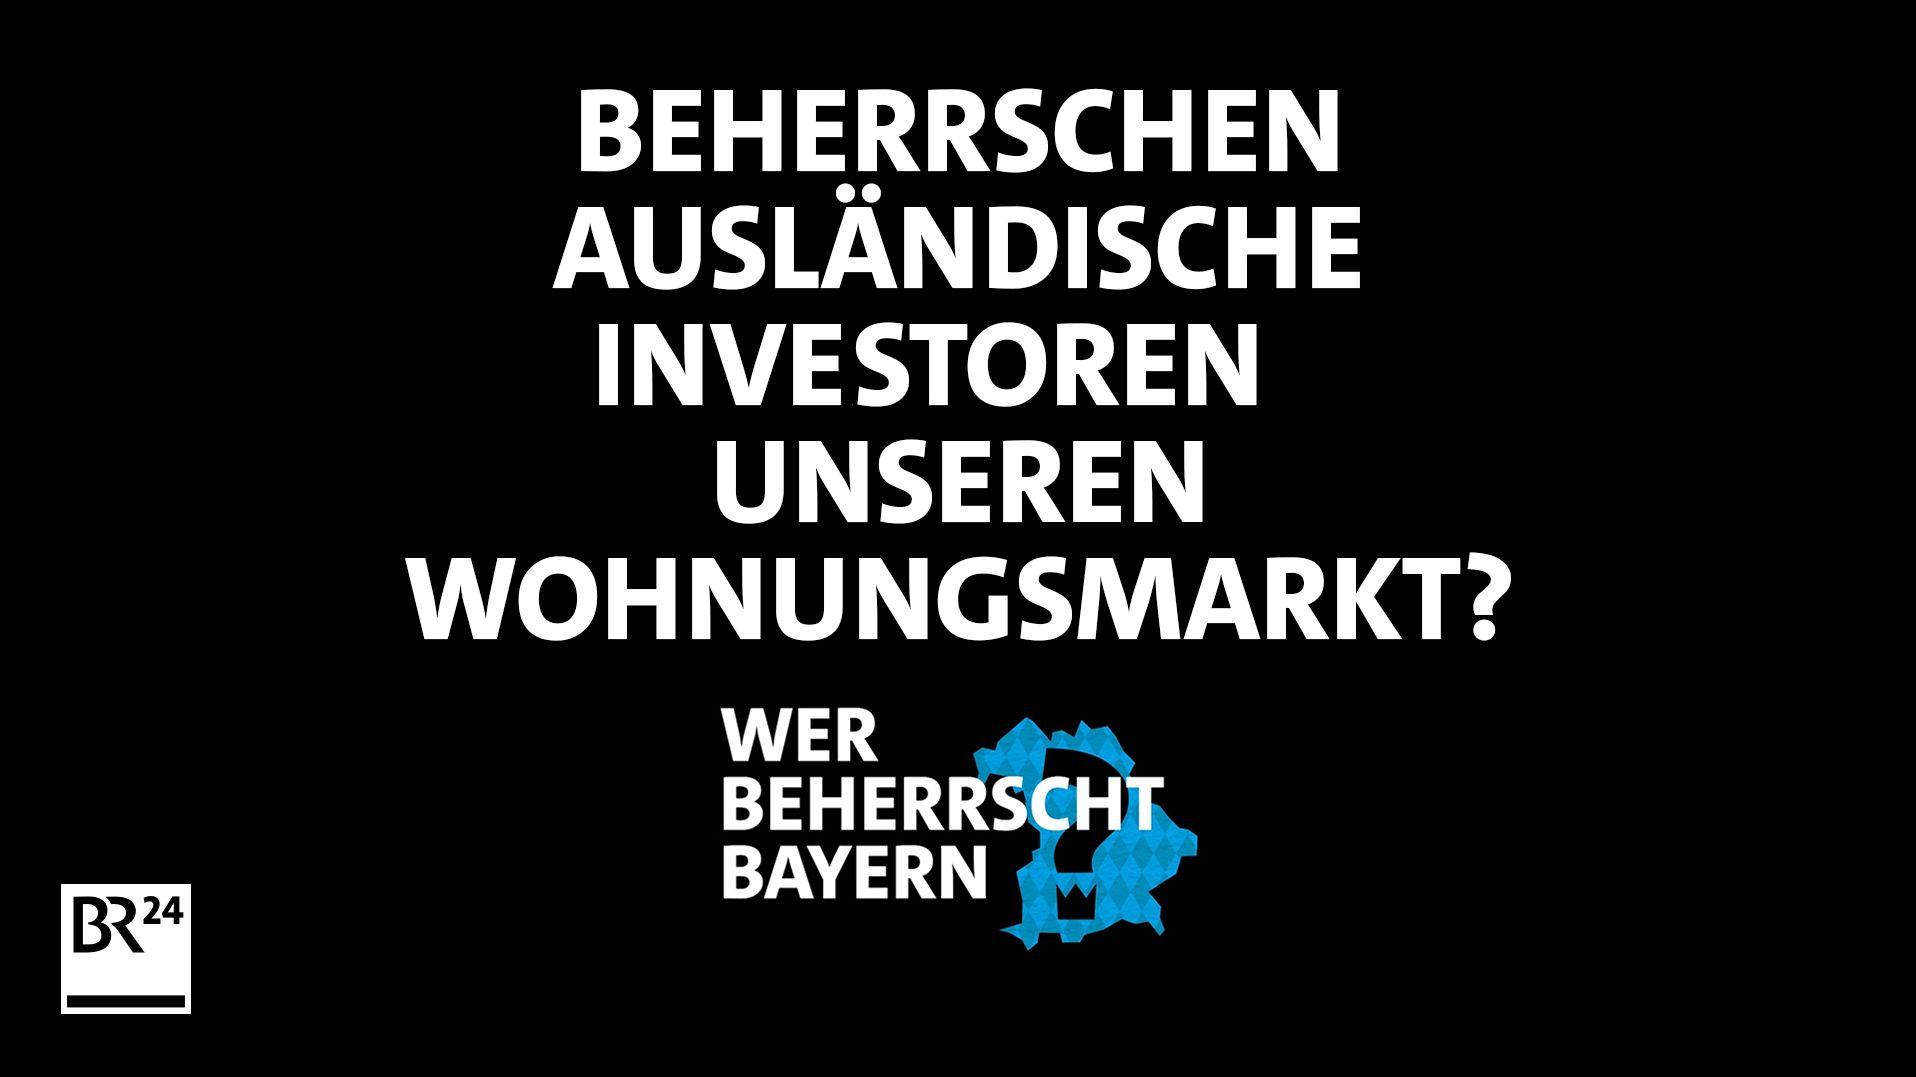 Beherrschen ausländische Investoren unseren Wohnungsmarkt?